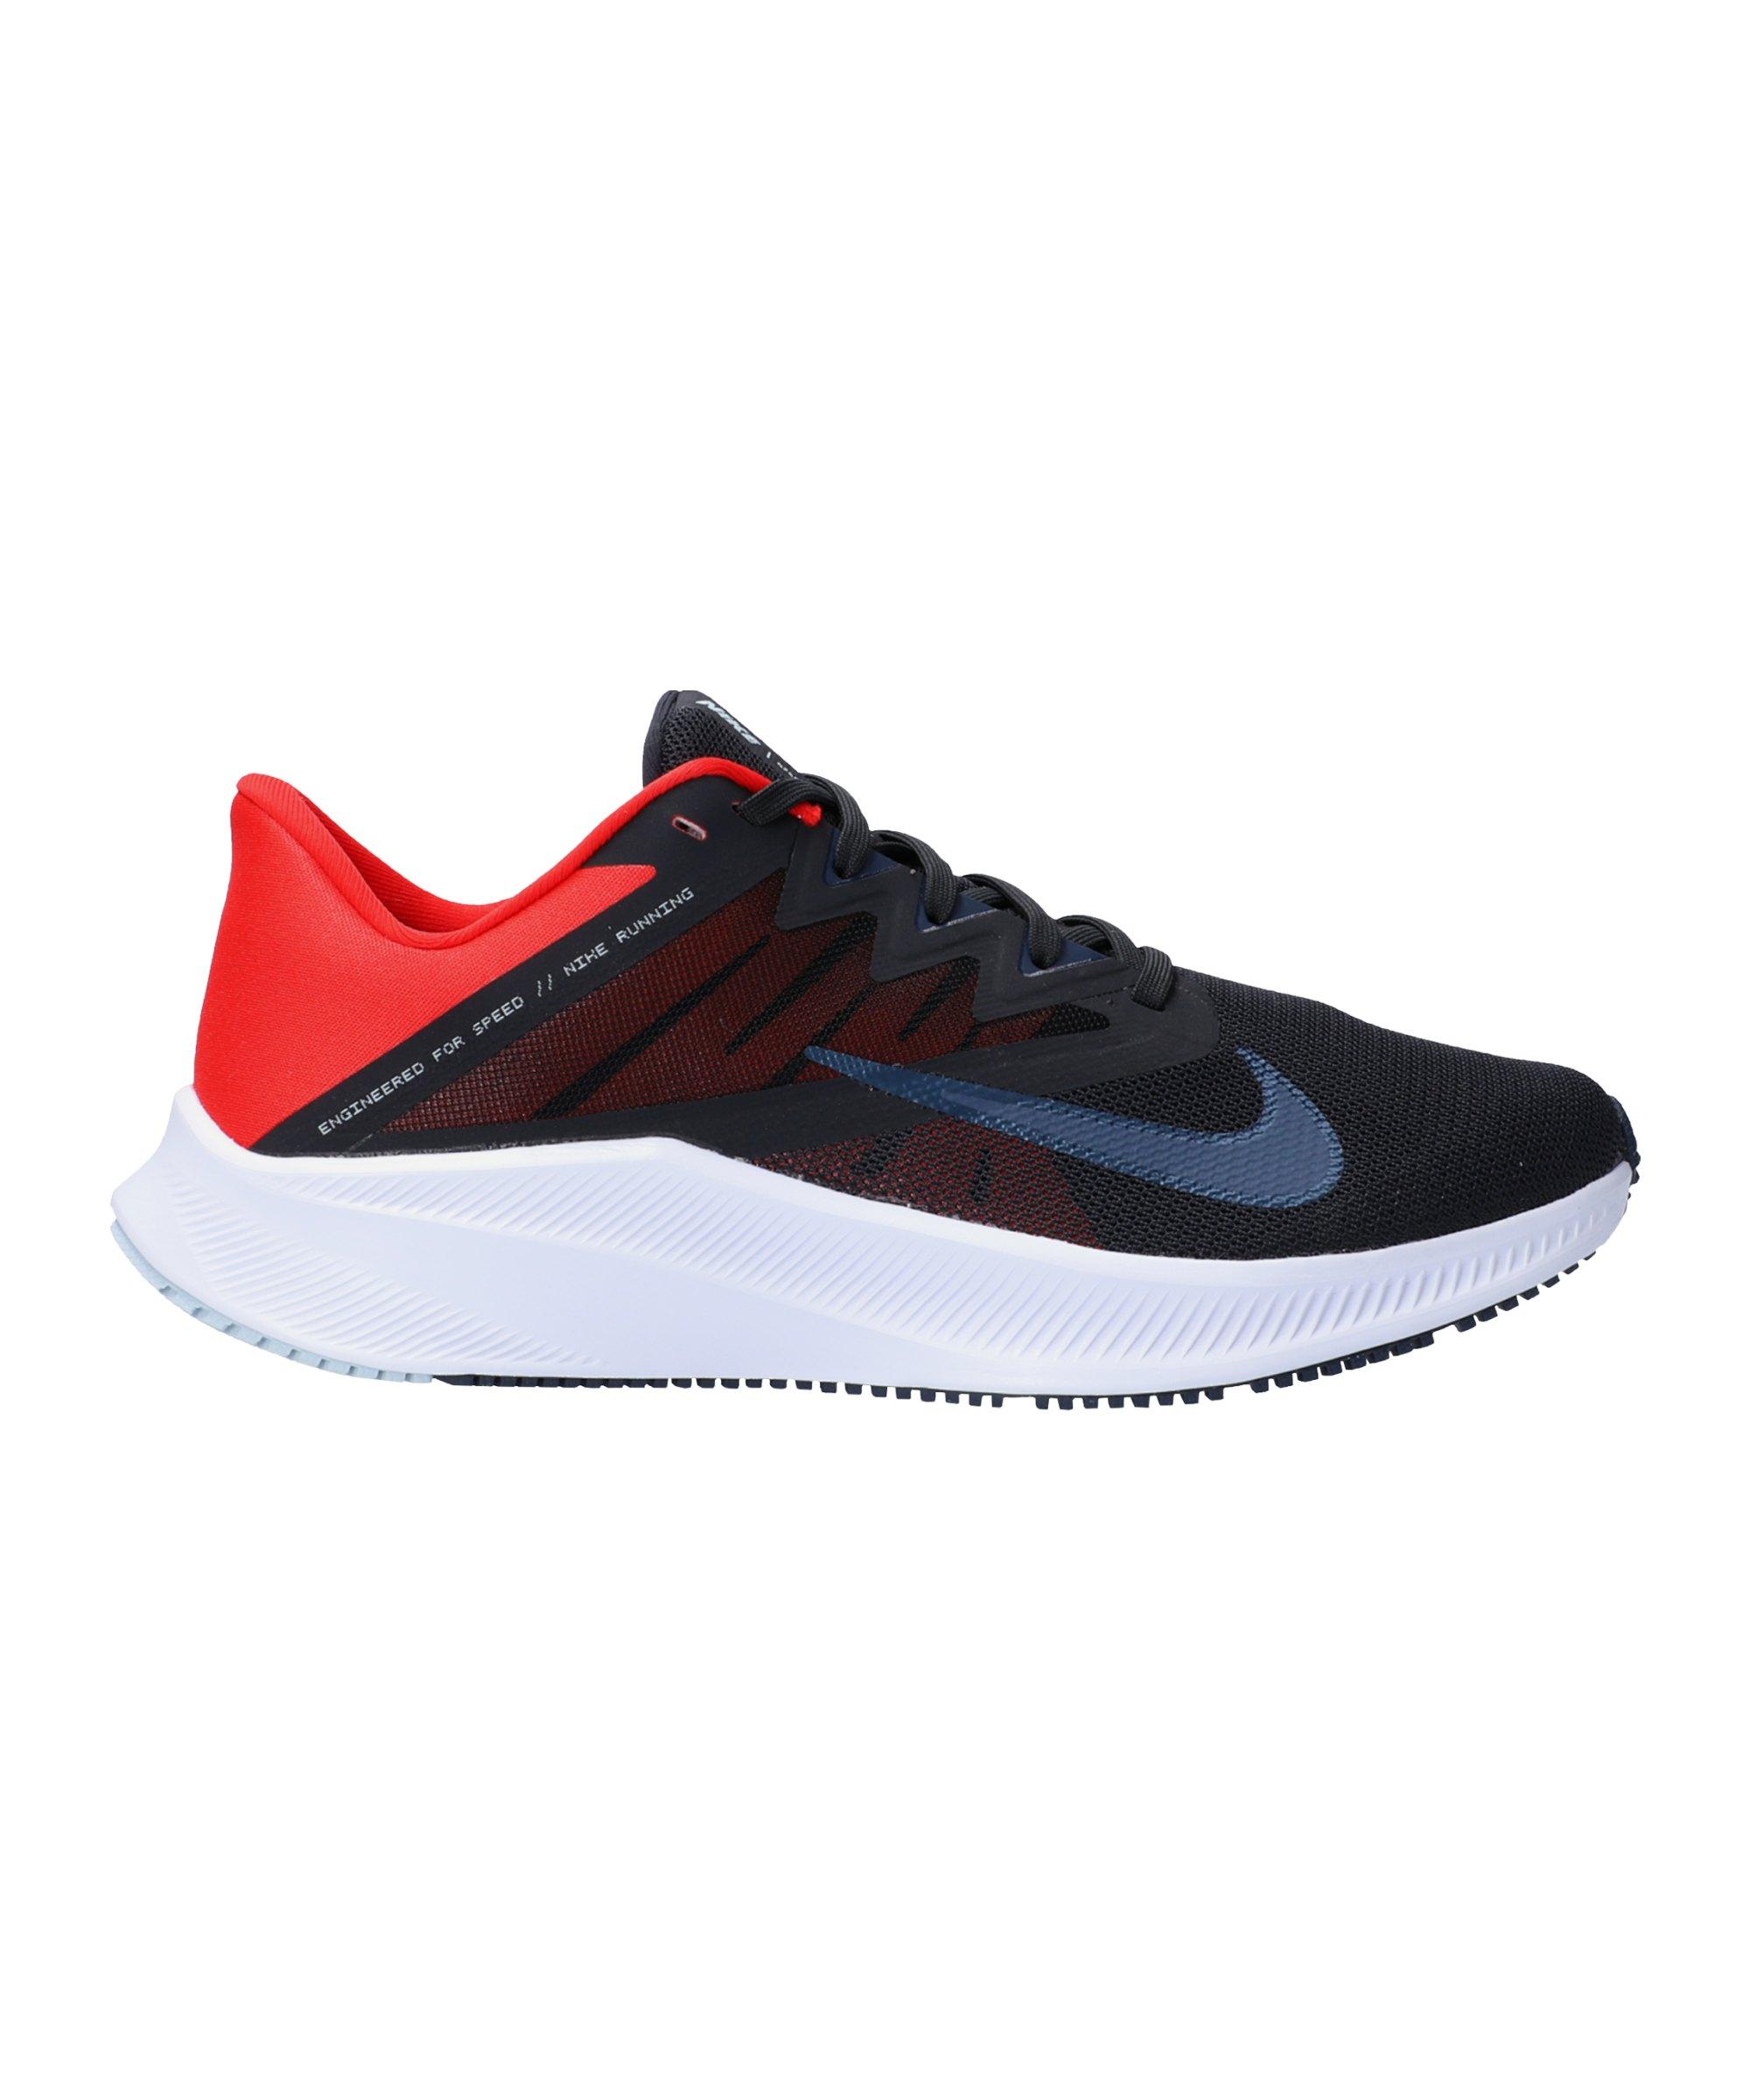 Nike Quest 3 Running Schwarz Rot F016 - grau